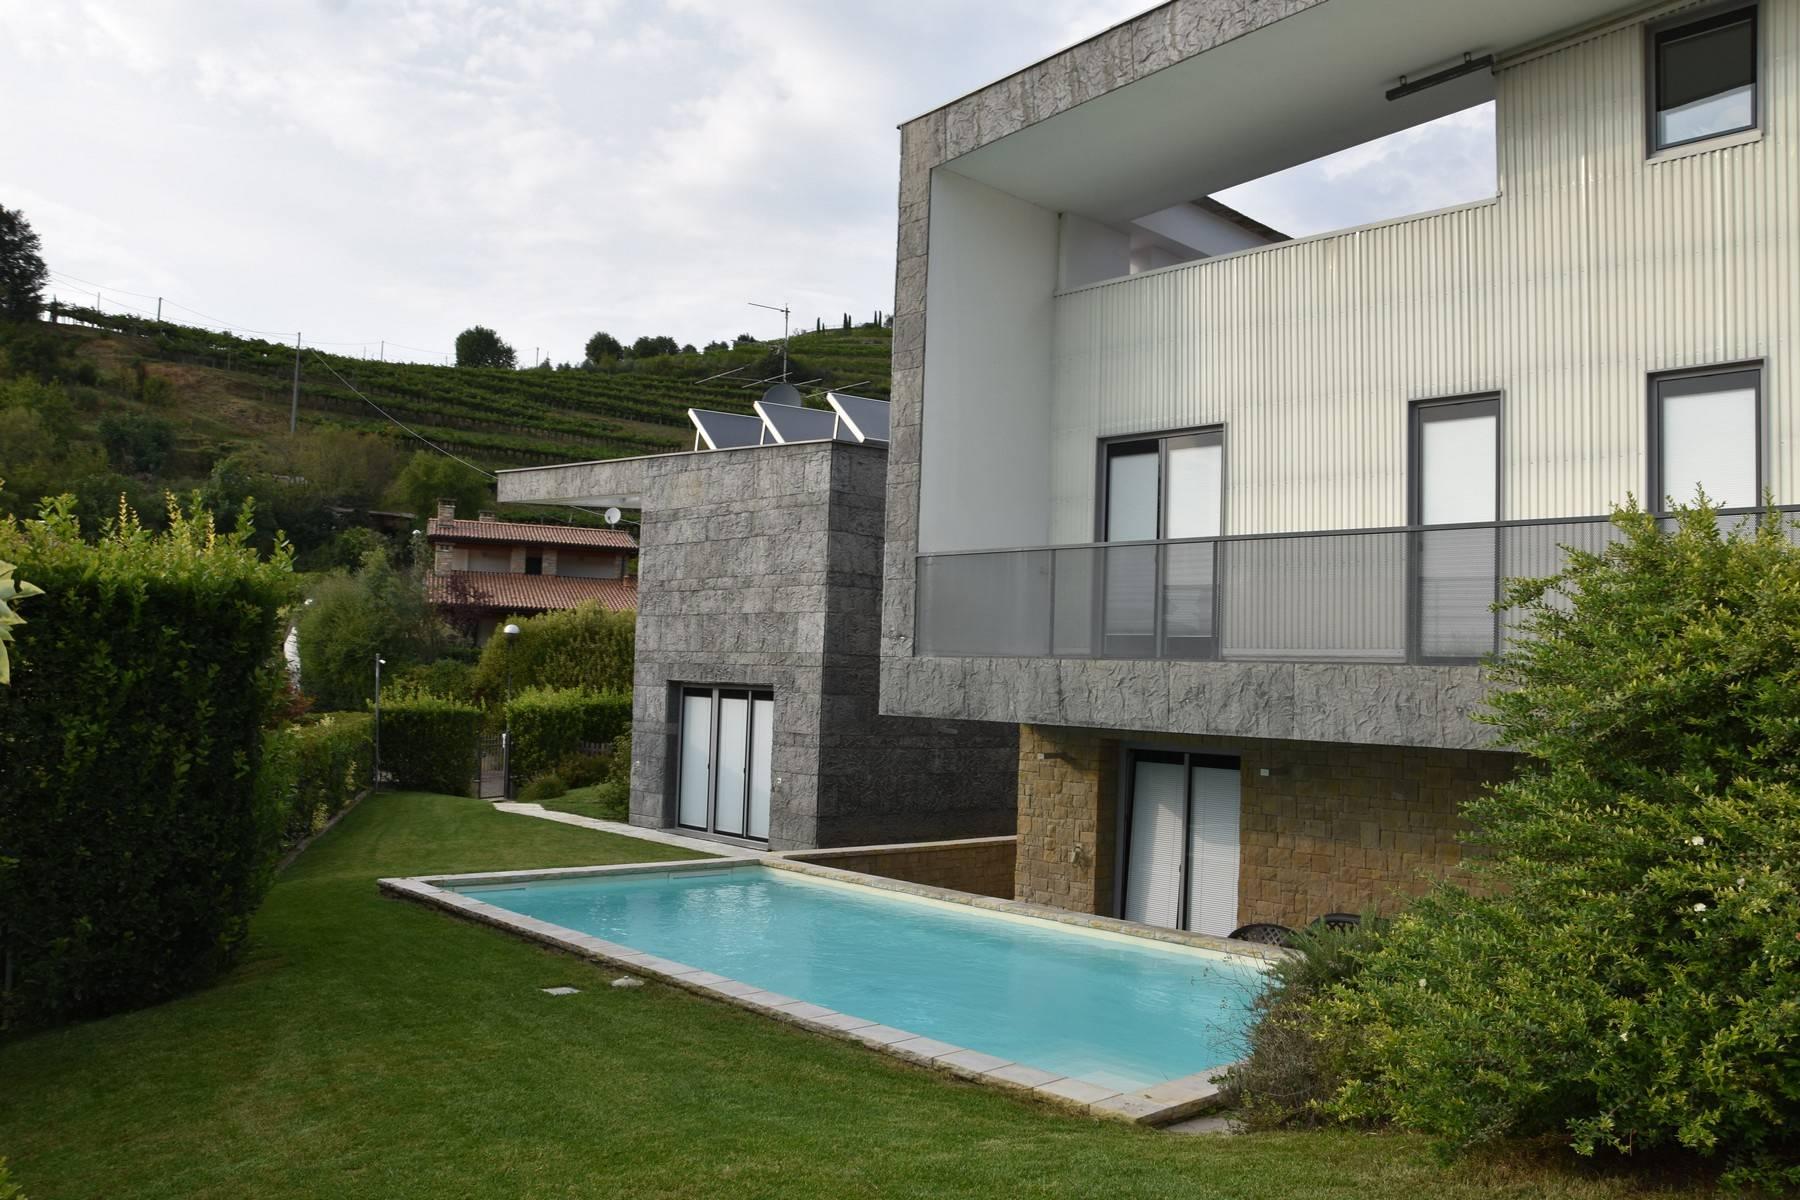 Villa in Vendita a Gussago: 5 locali, 424 mq - Foto 8